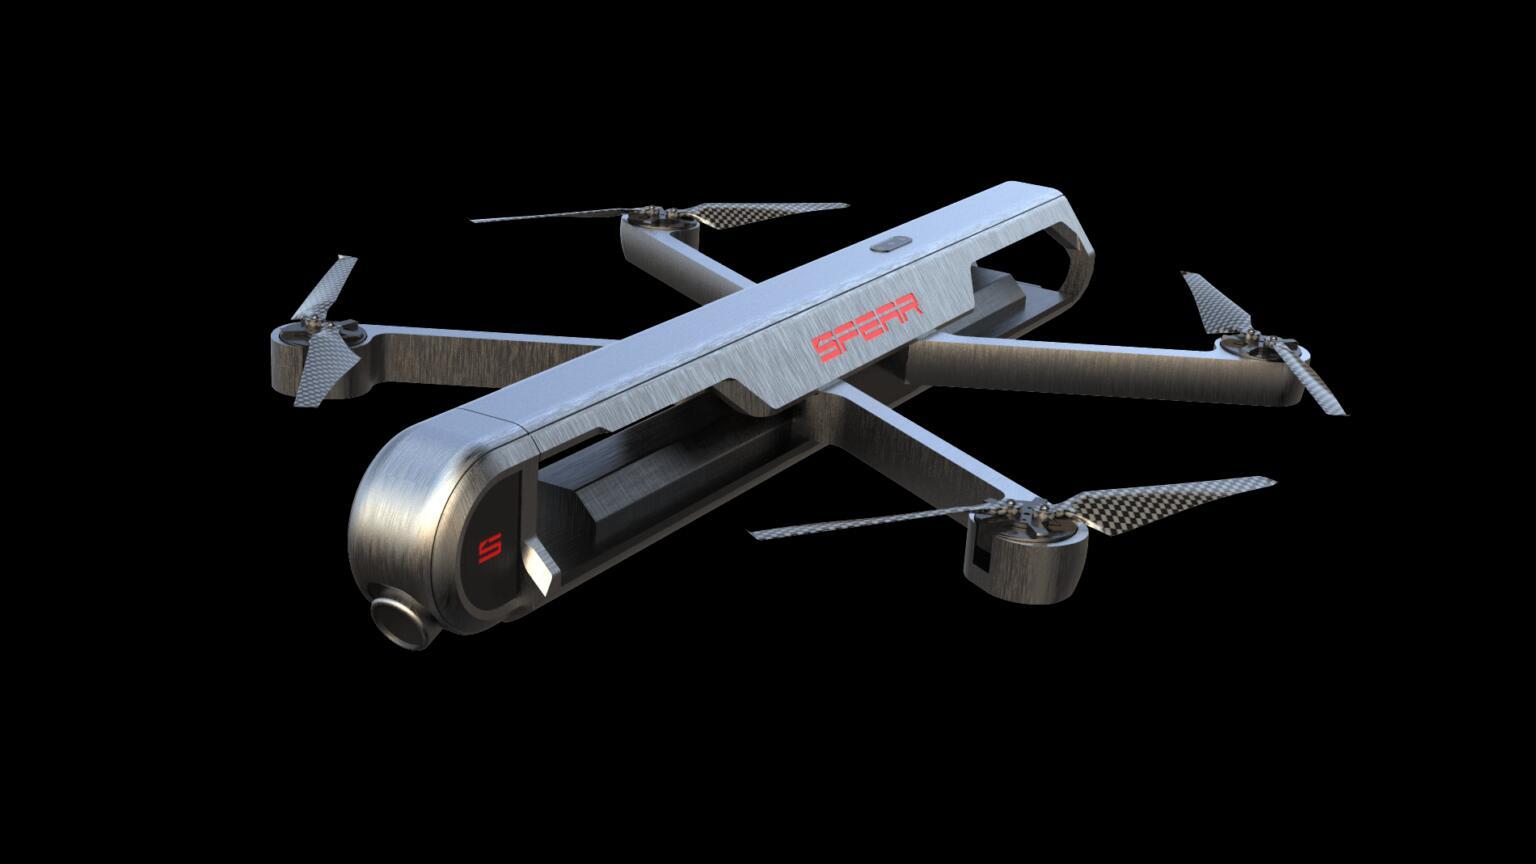 体积小,本领大!以色列展示新型封装式无人机